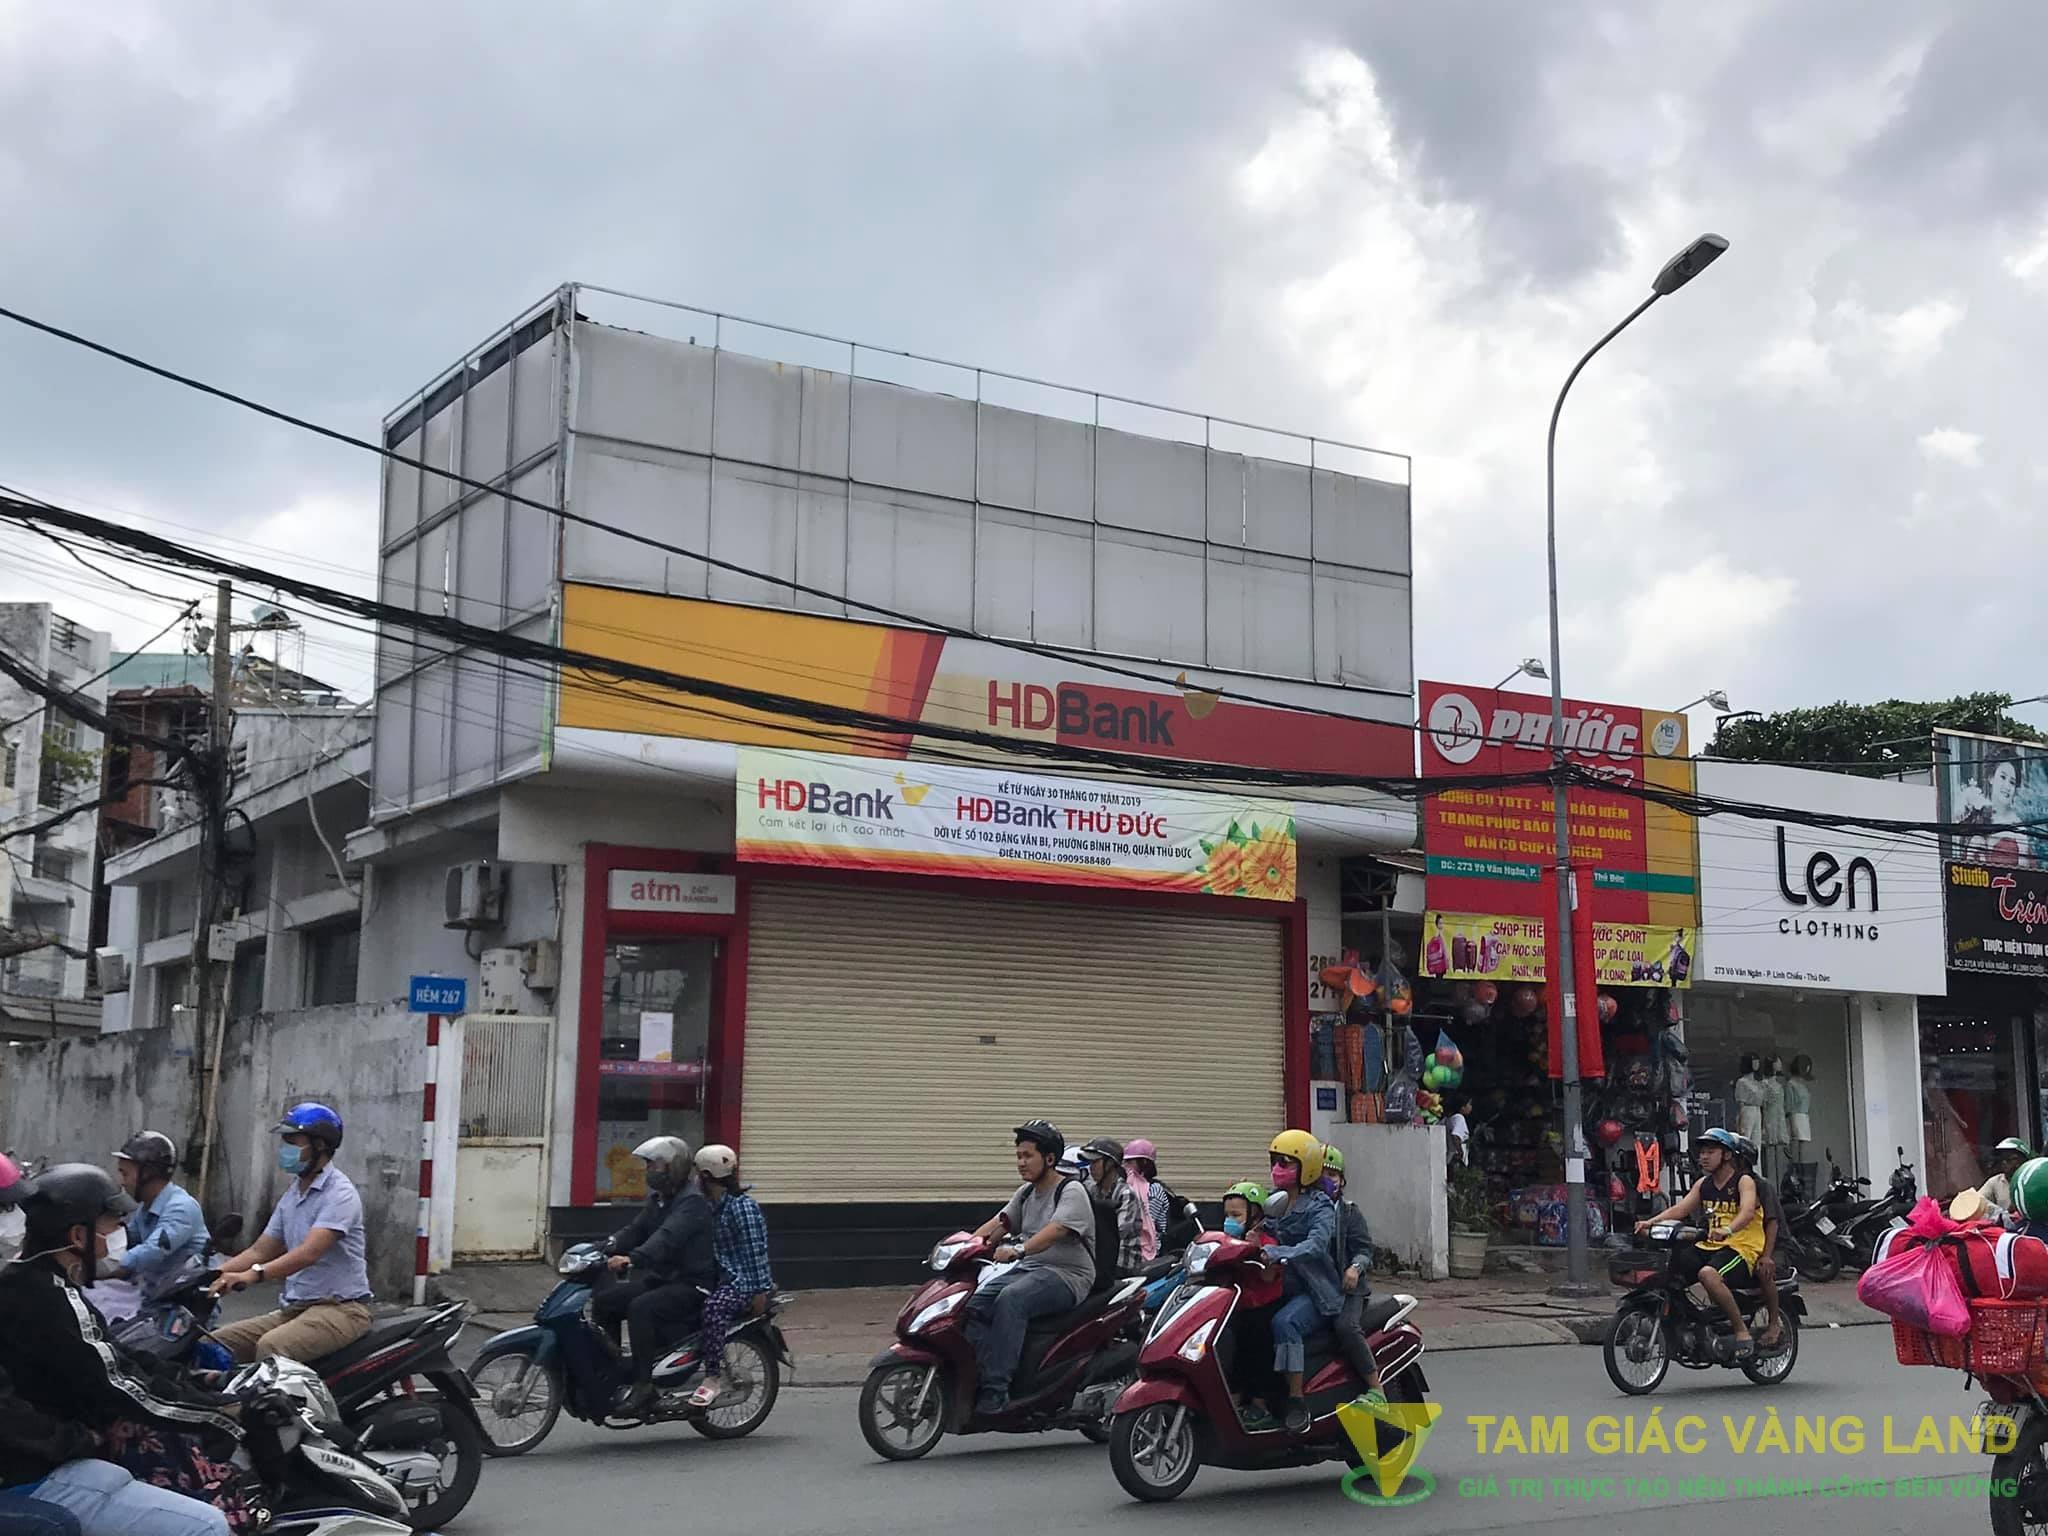 Cho thuê nhà mặt tiền đường 2 mặt tiền Võ Văn Ngân, Phường Linh Chiểu, Quận Thủ Đức, DT 9.5x21m, 1 trệt, Giá 6500 usd/tháng